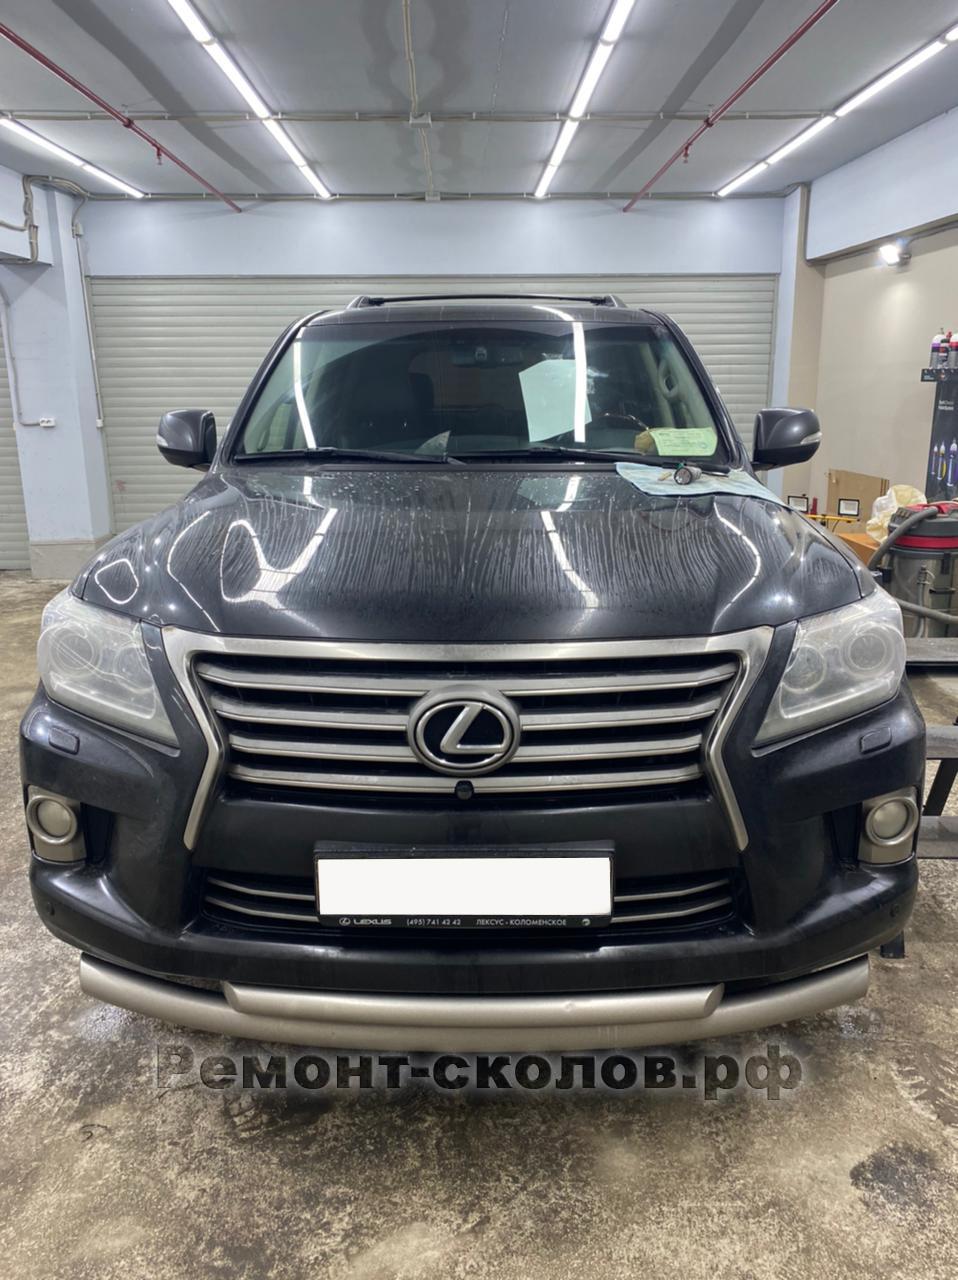 Lexus ремонт скола лобового стекла в ЮЗАО